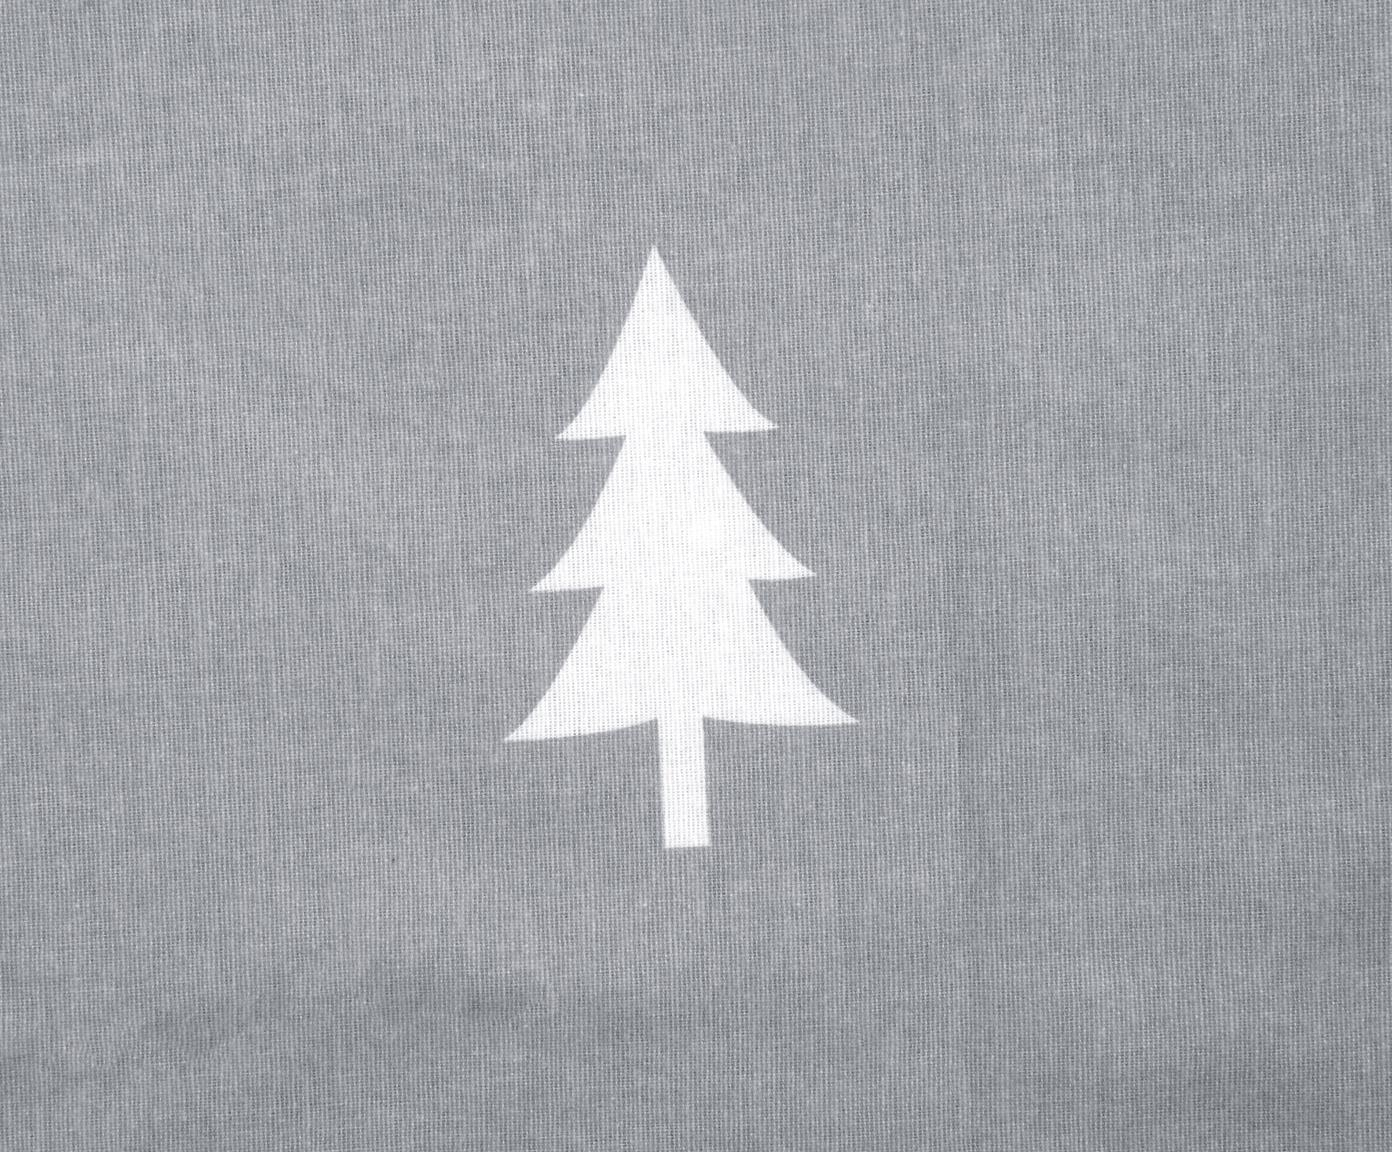 Flanell-Bettwäsche X-mas Tree mit Tannenbäumen, Webart: Flanell Flanell ist ein s, Dunkelgrau, Cremeweiß, 240 x 220 cm + 2 Kissen 80 x 80 cm